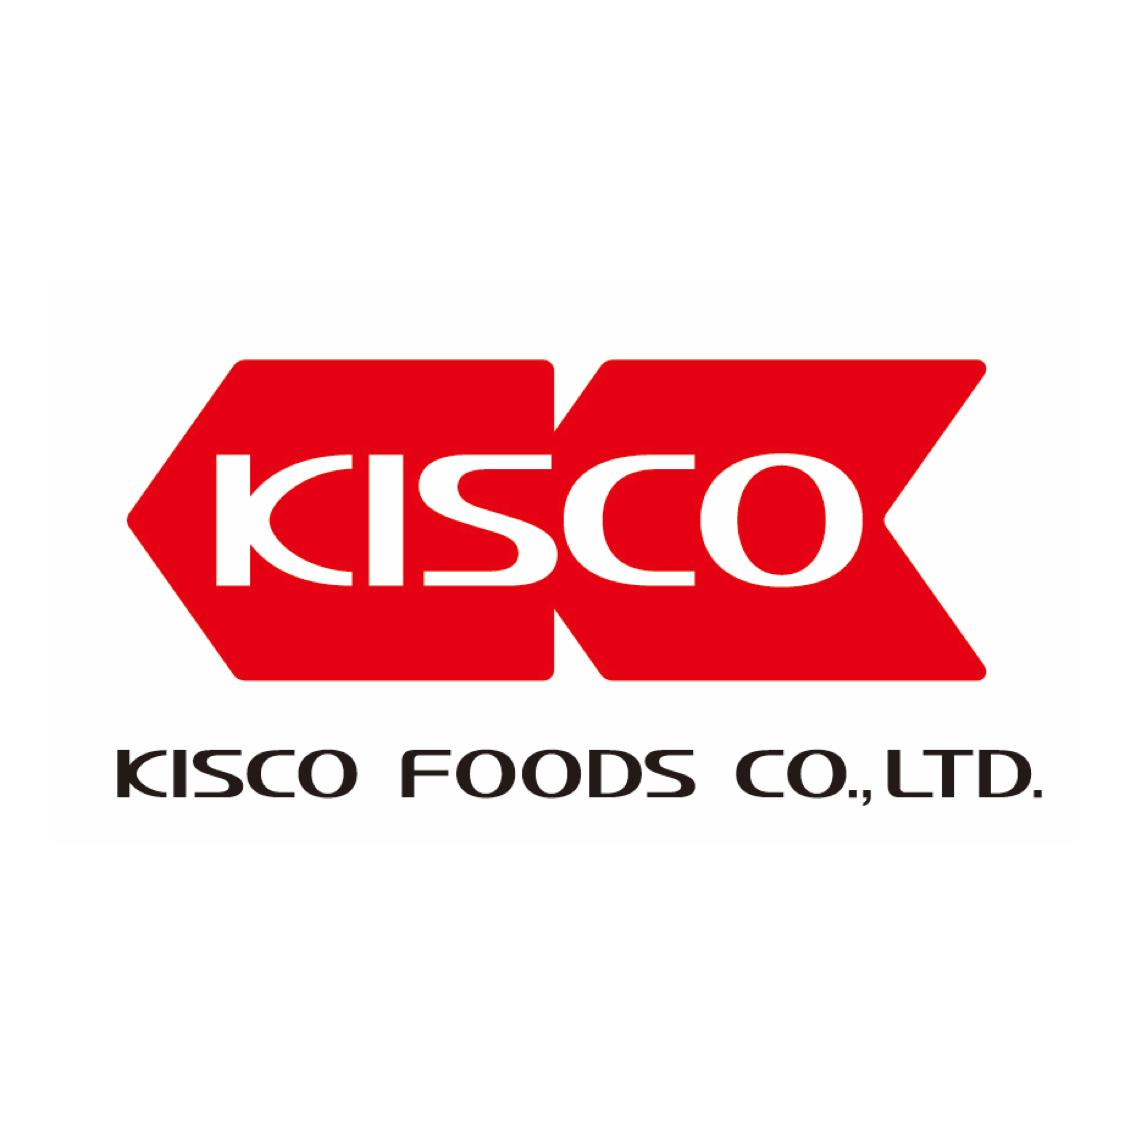 キスコフーズ株式会社 ロゴ